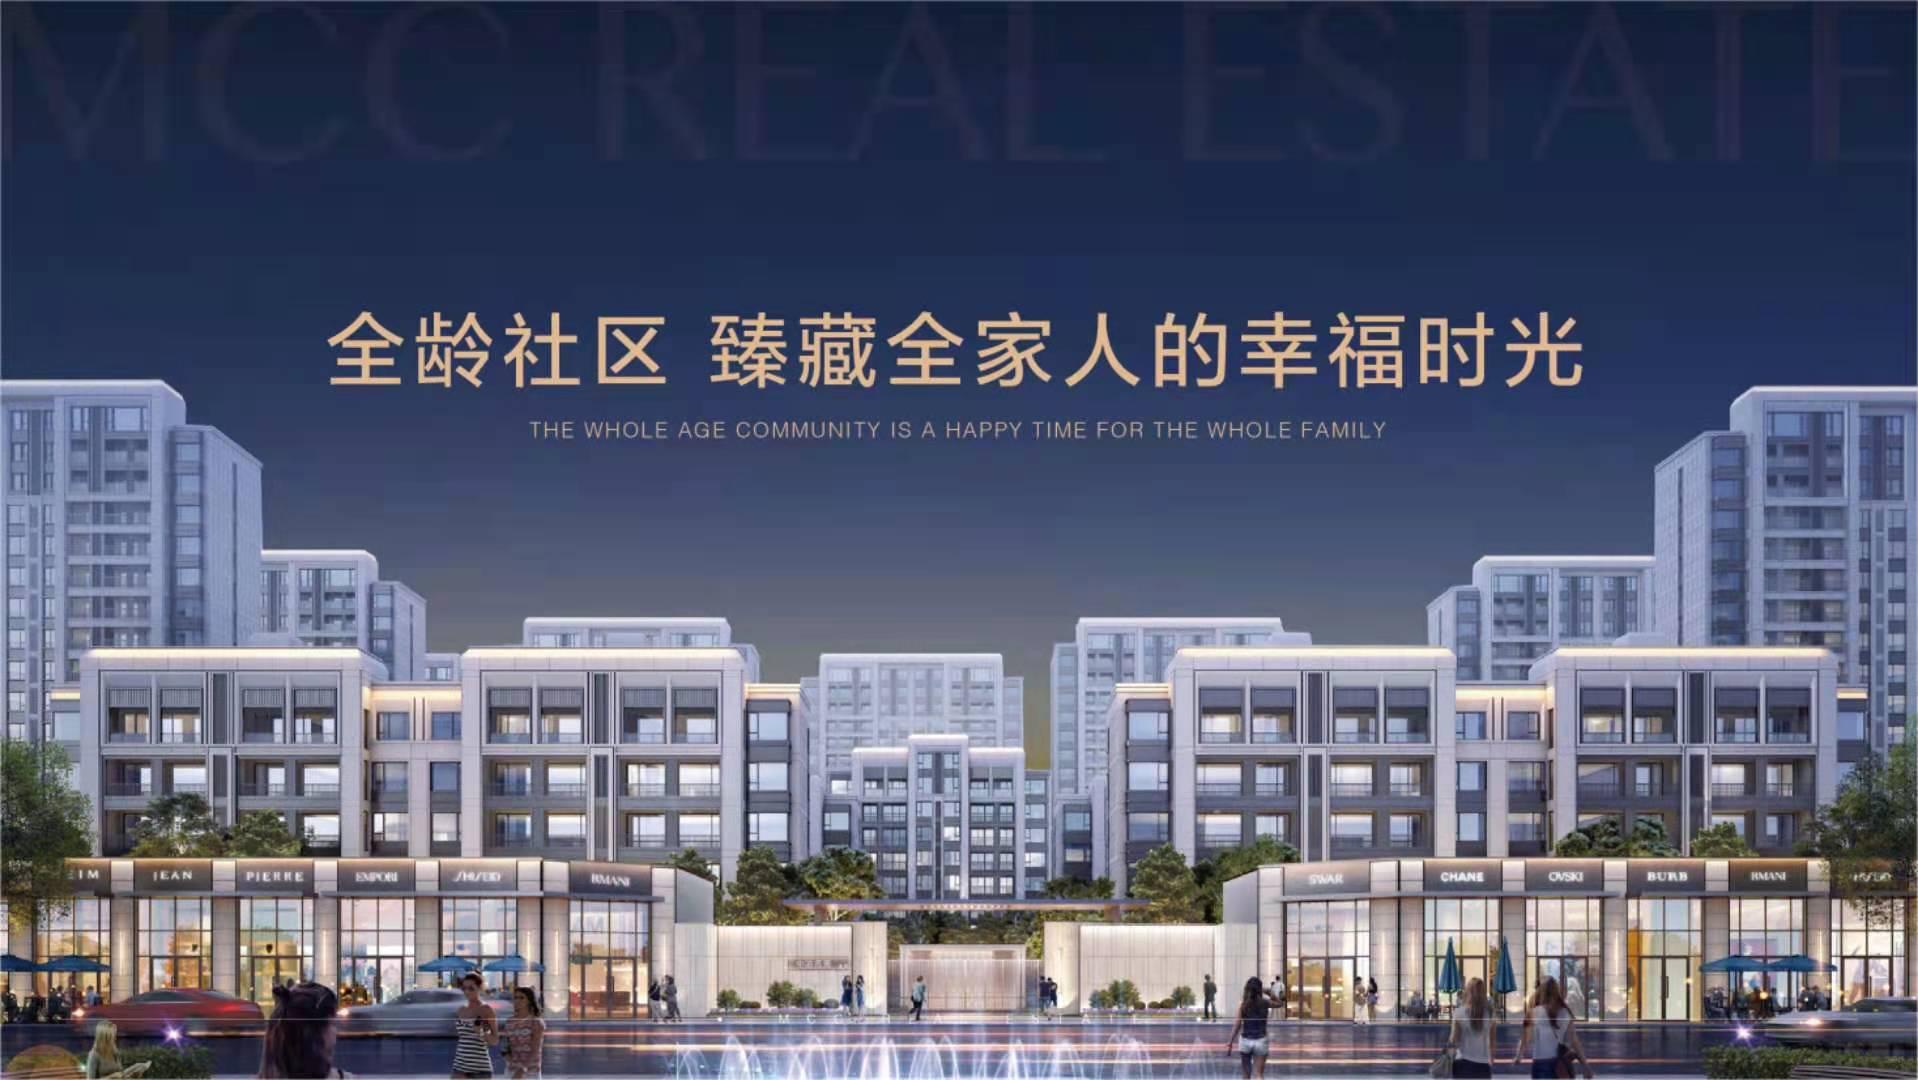 涿州中冶未来城户型多大面积-中冶未来城户型图